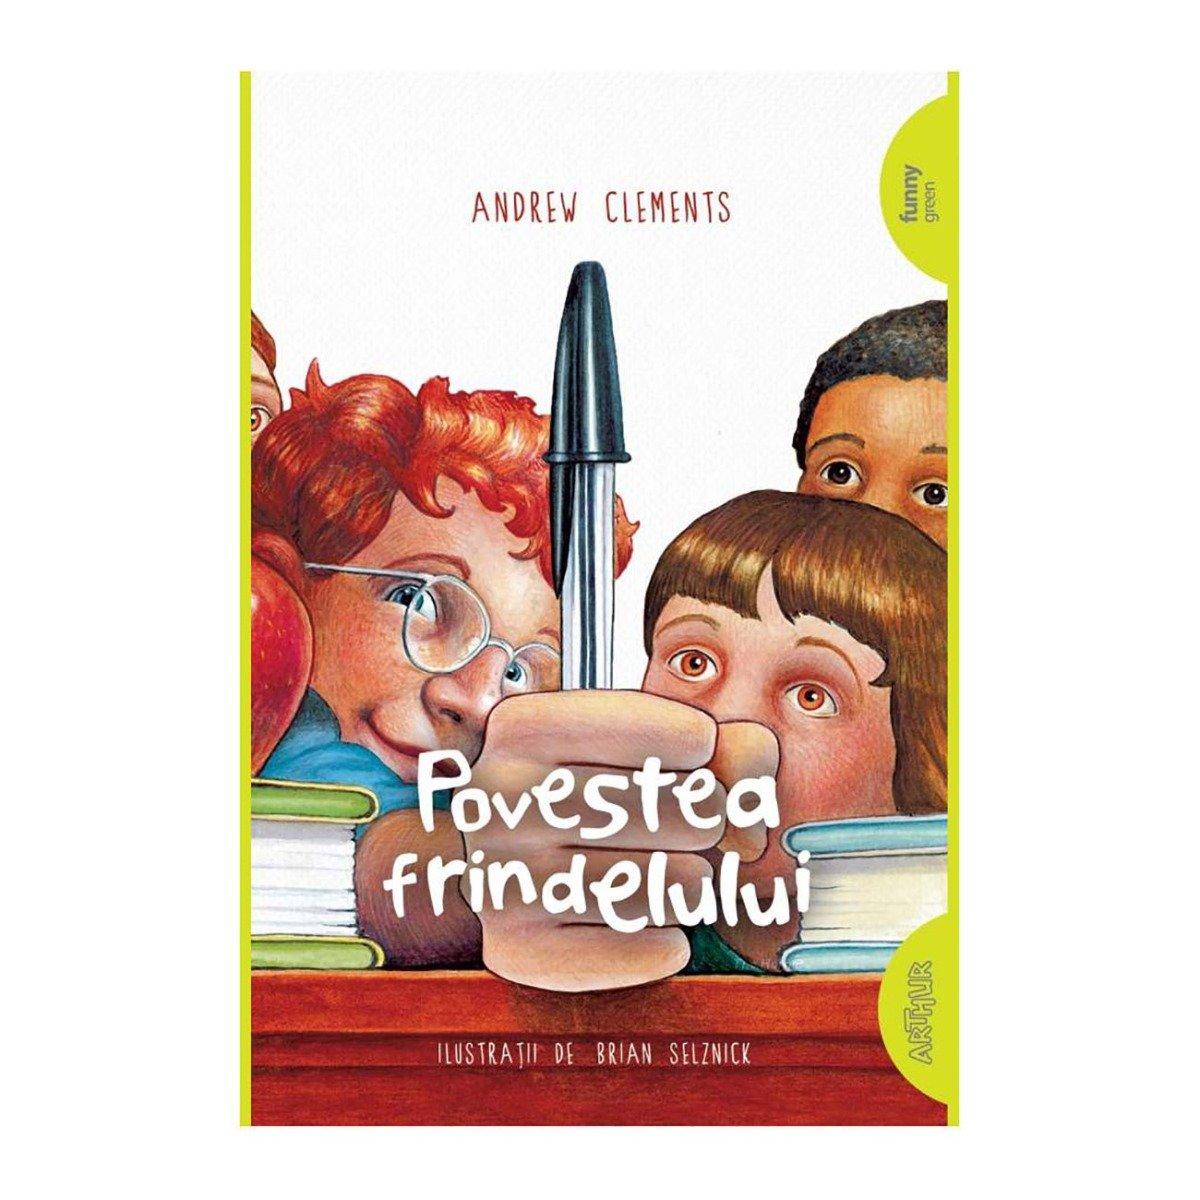 Carte Editura Arthur, Povestea frindelului, Andrew Clements